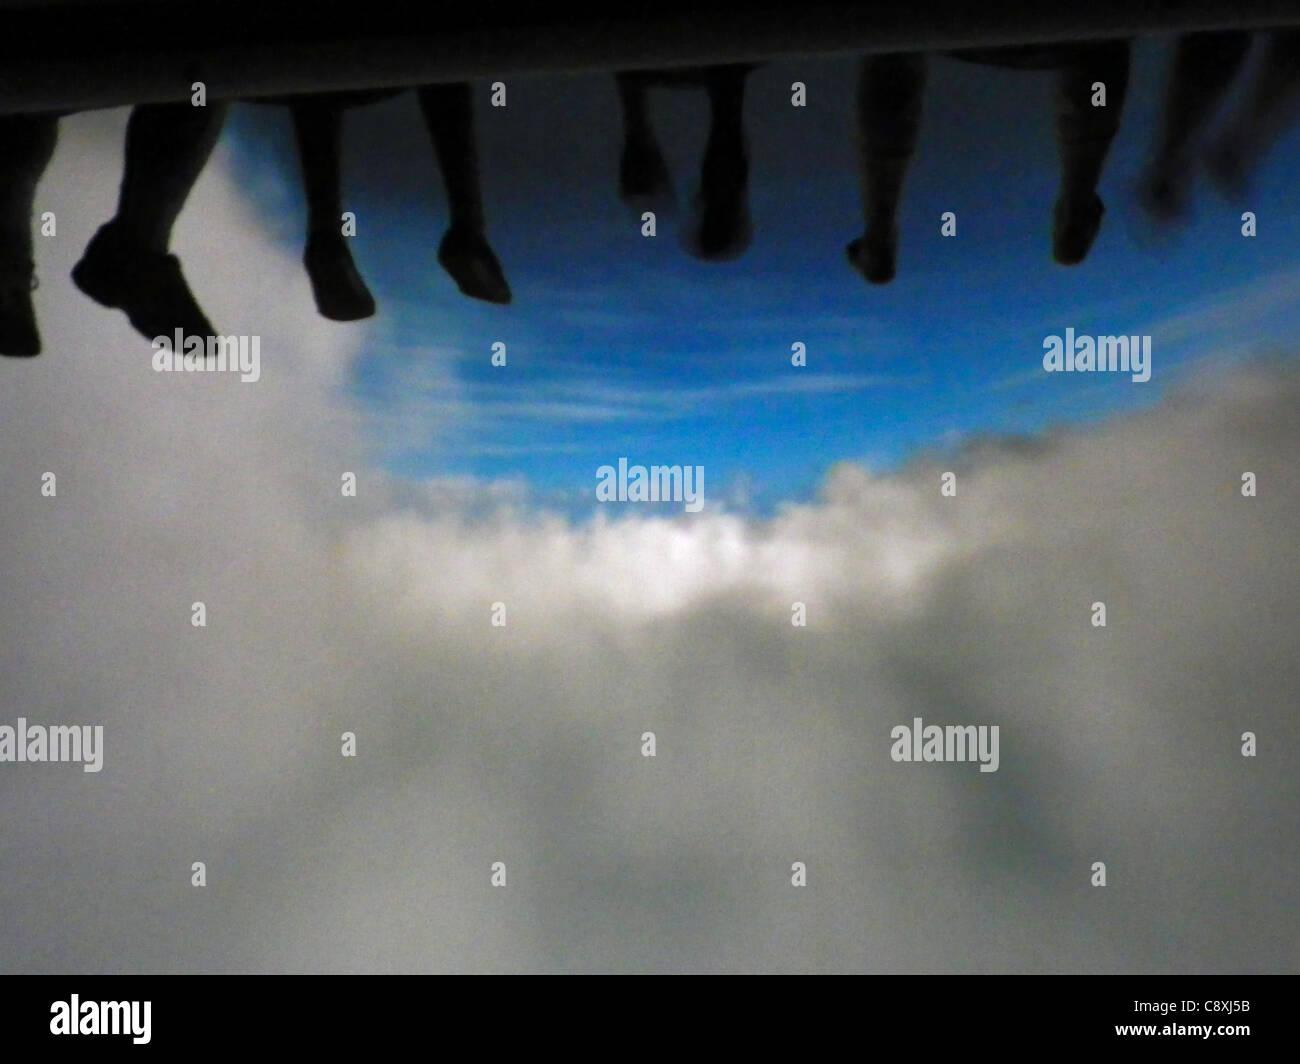 'Soaring Over California' ride at Epcot Center, Disney World, Orlando, Florida - Stock Image